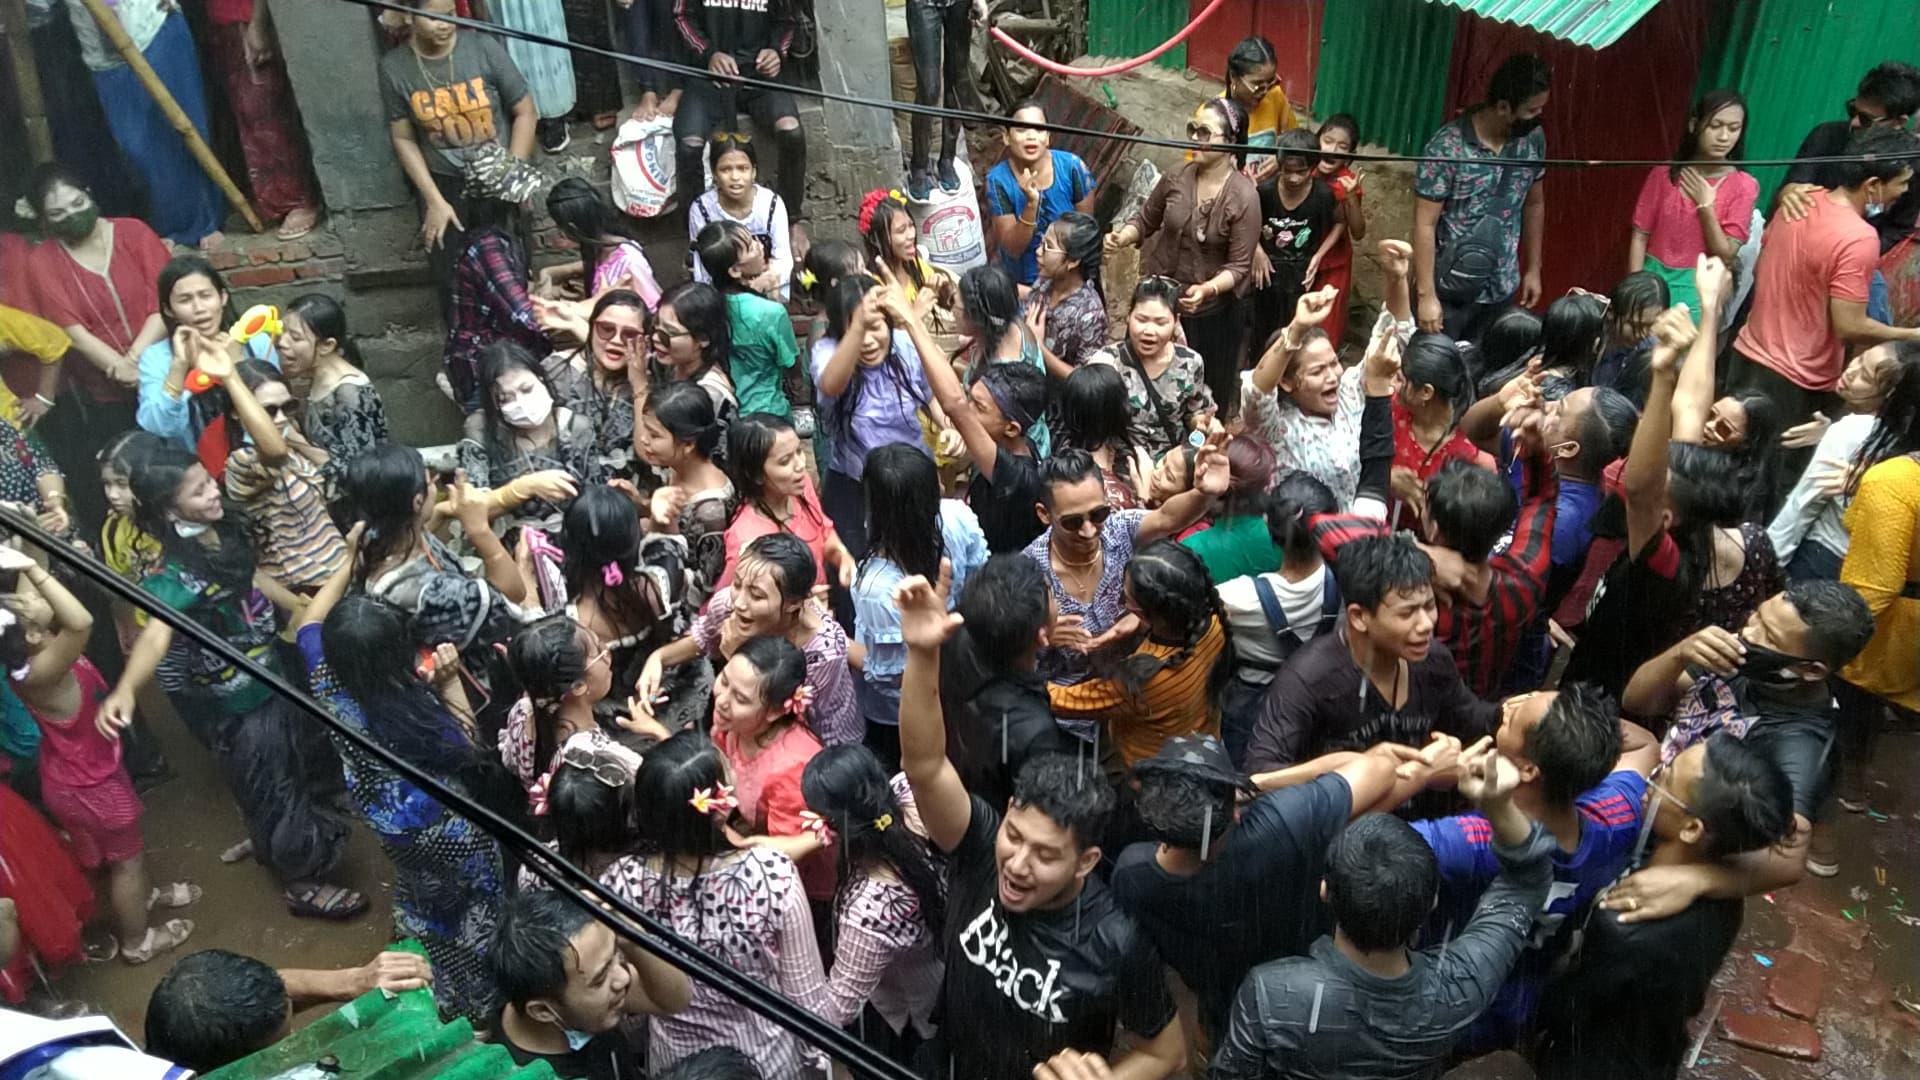 কক্সবাজারে 'জলকেলি' উৎসবের সমাপনীতে করোনা থেকে মুক্তির প্রত্যাশা